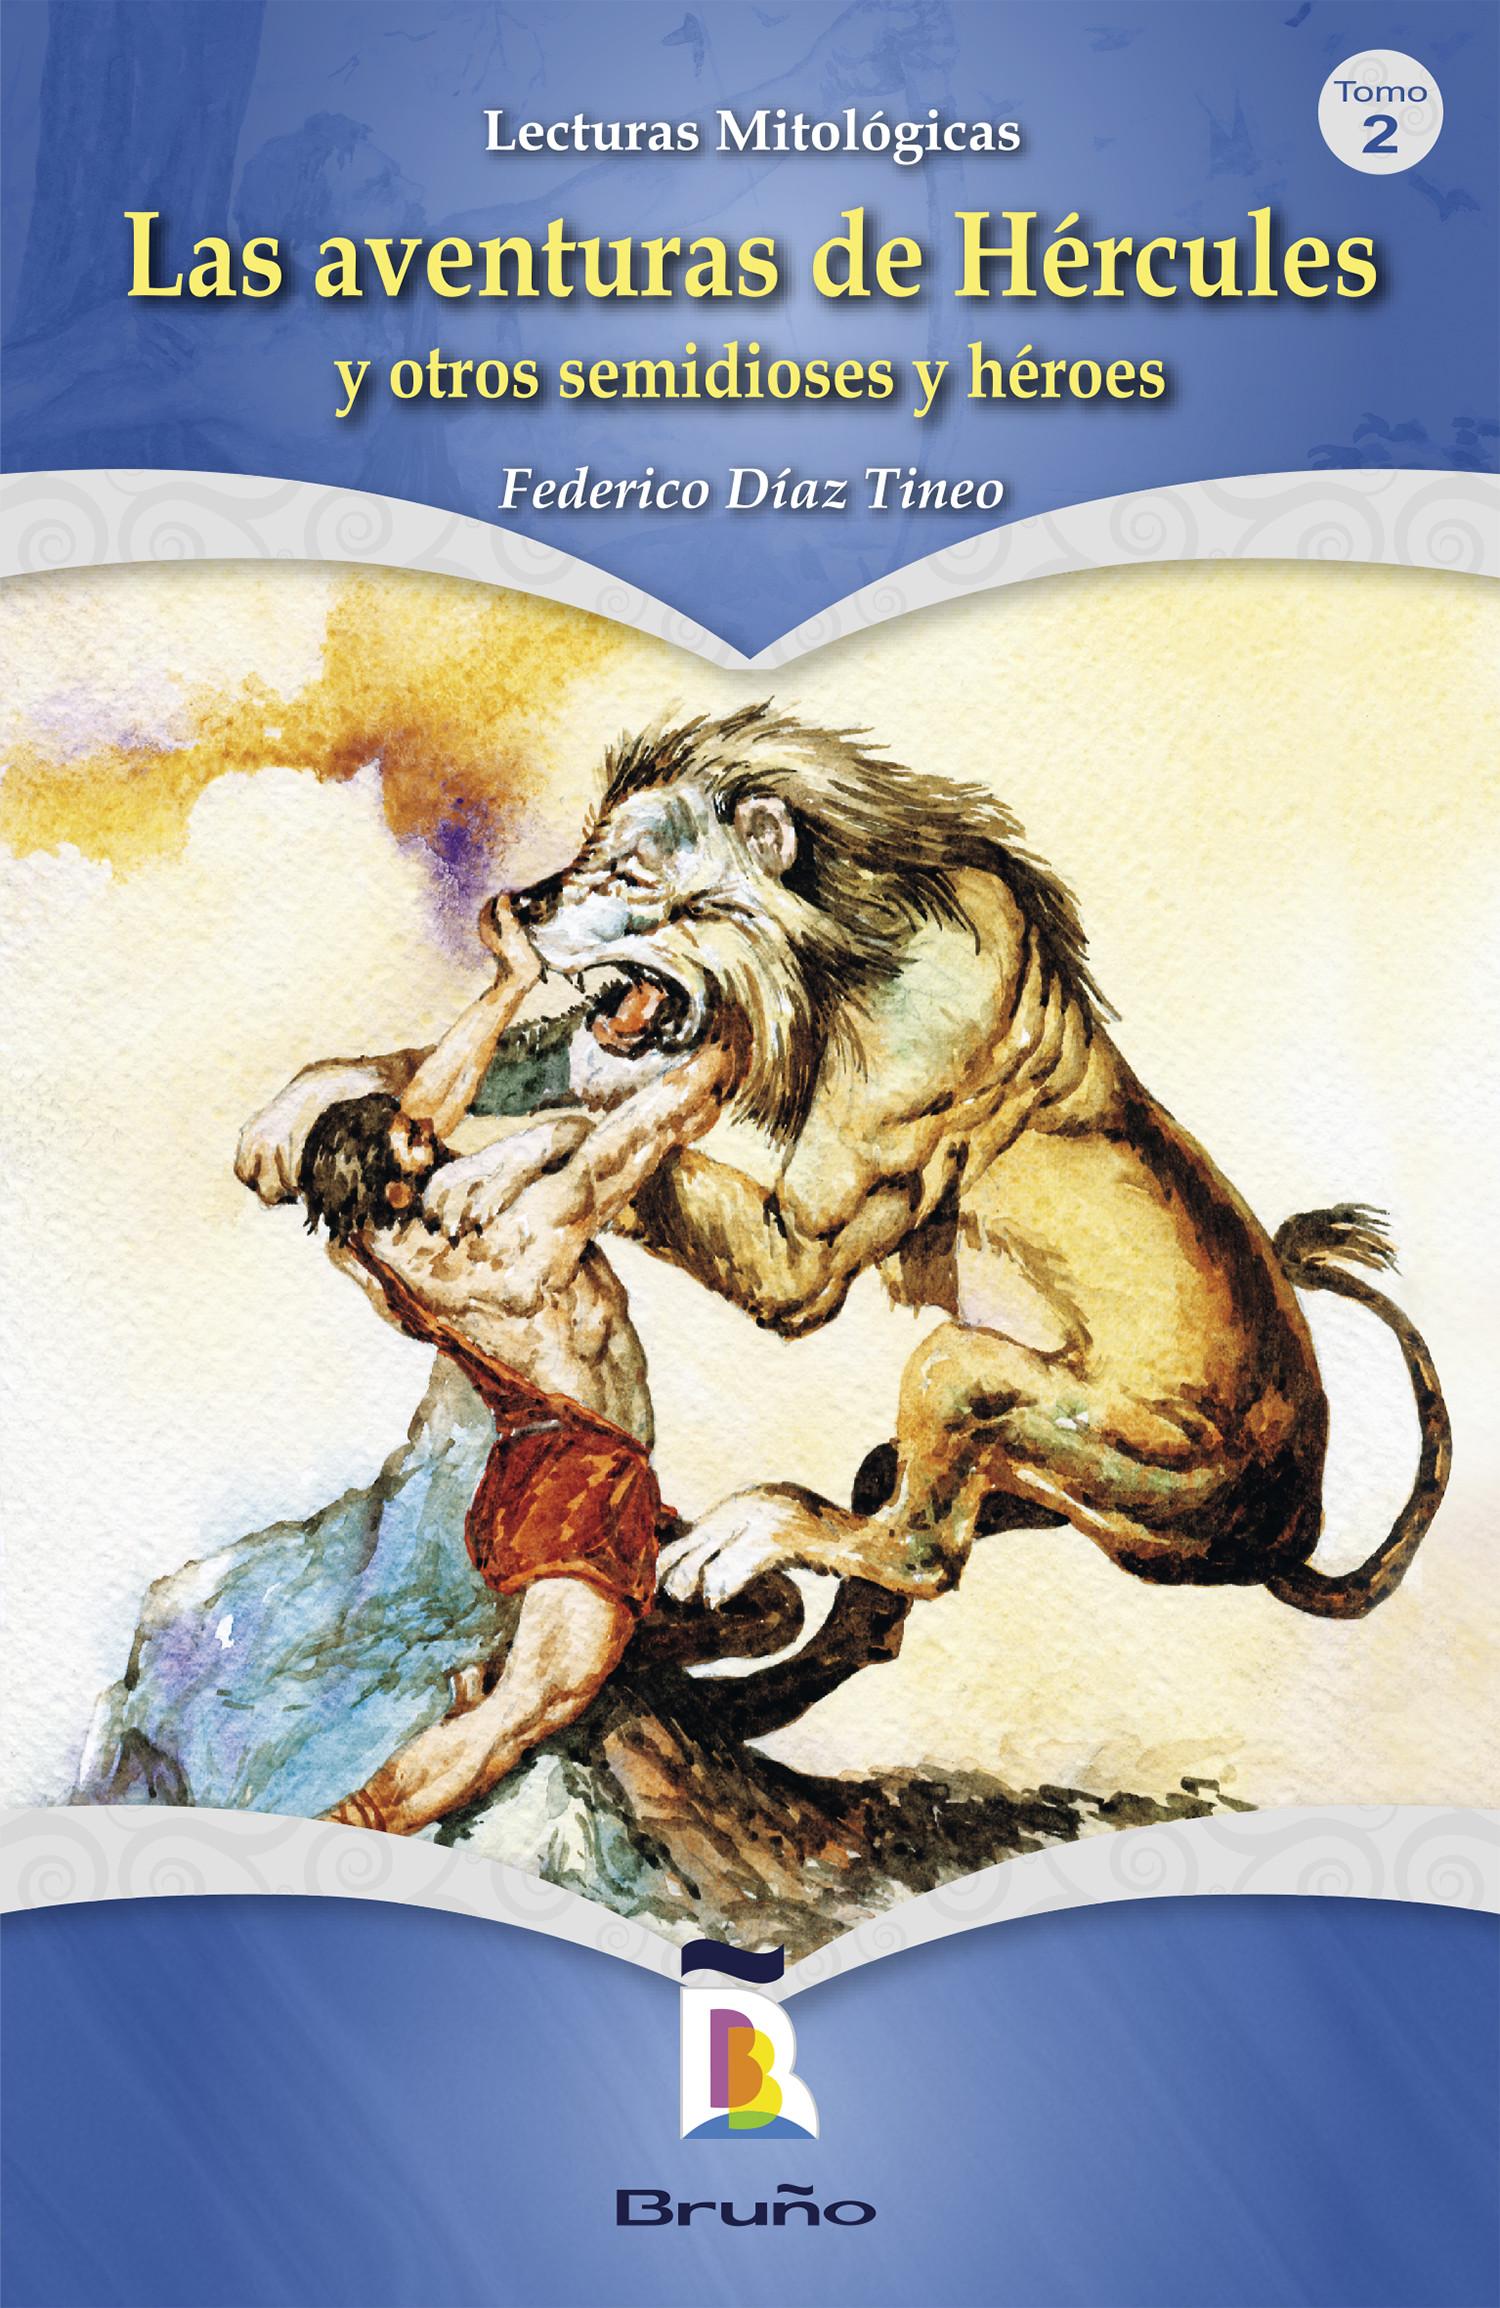 Las aventuras de Hércules y otros semidioses y héroes